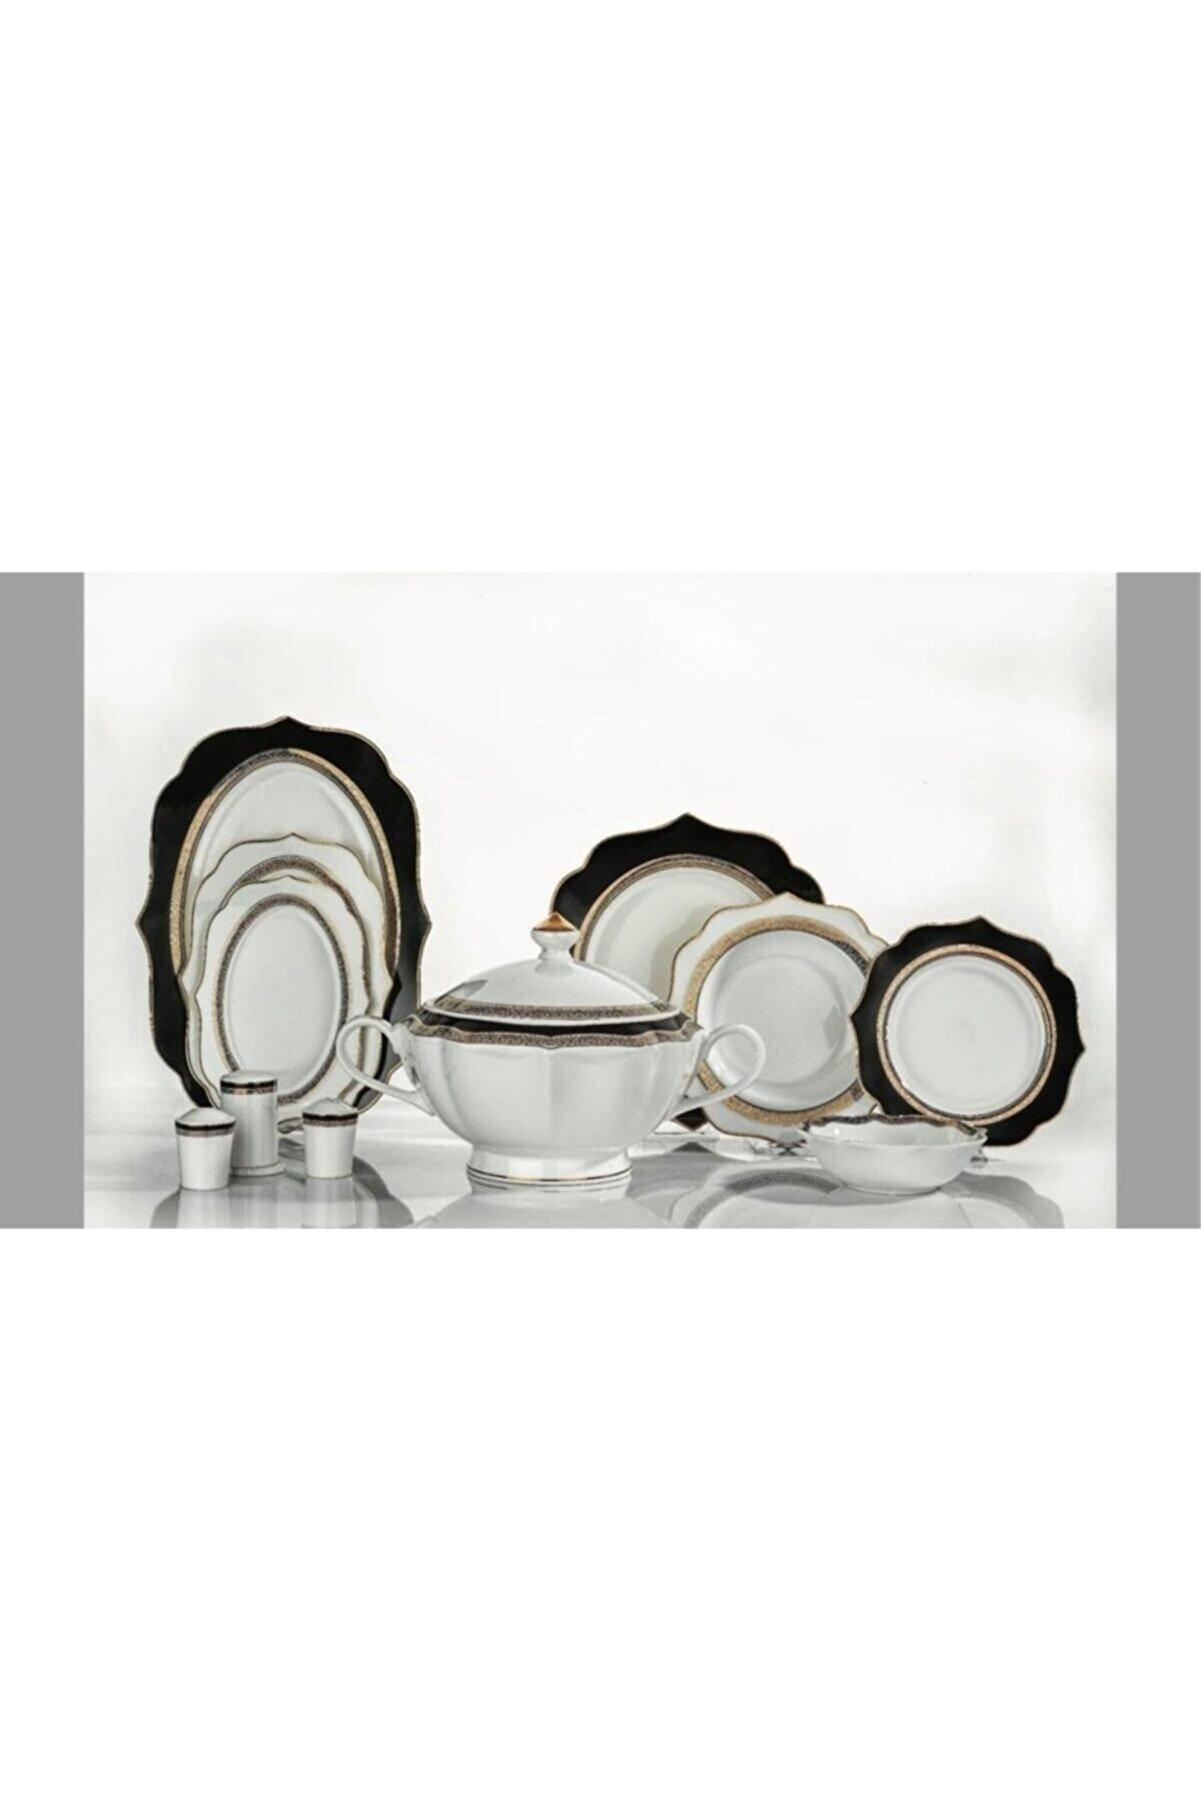 Schafer Launa 60 Pç. 12 Kişilik Porselen Yemek Takımı